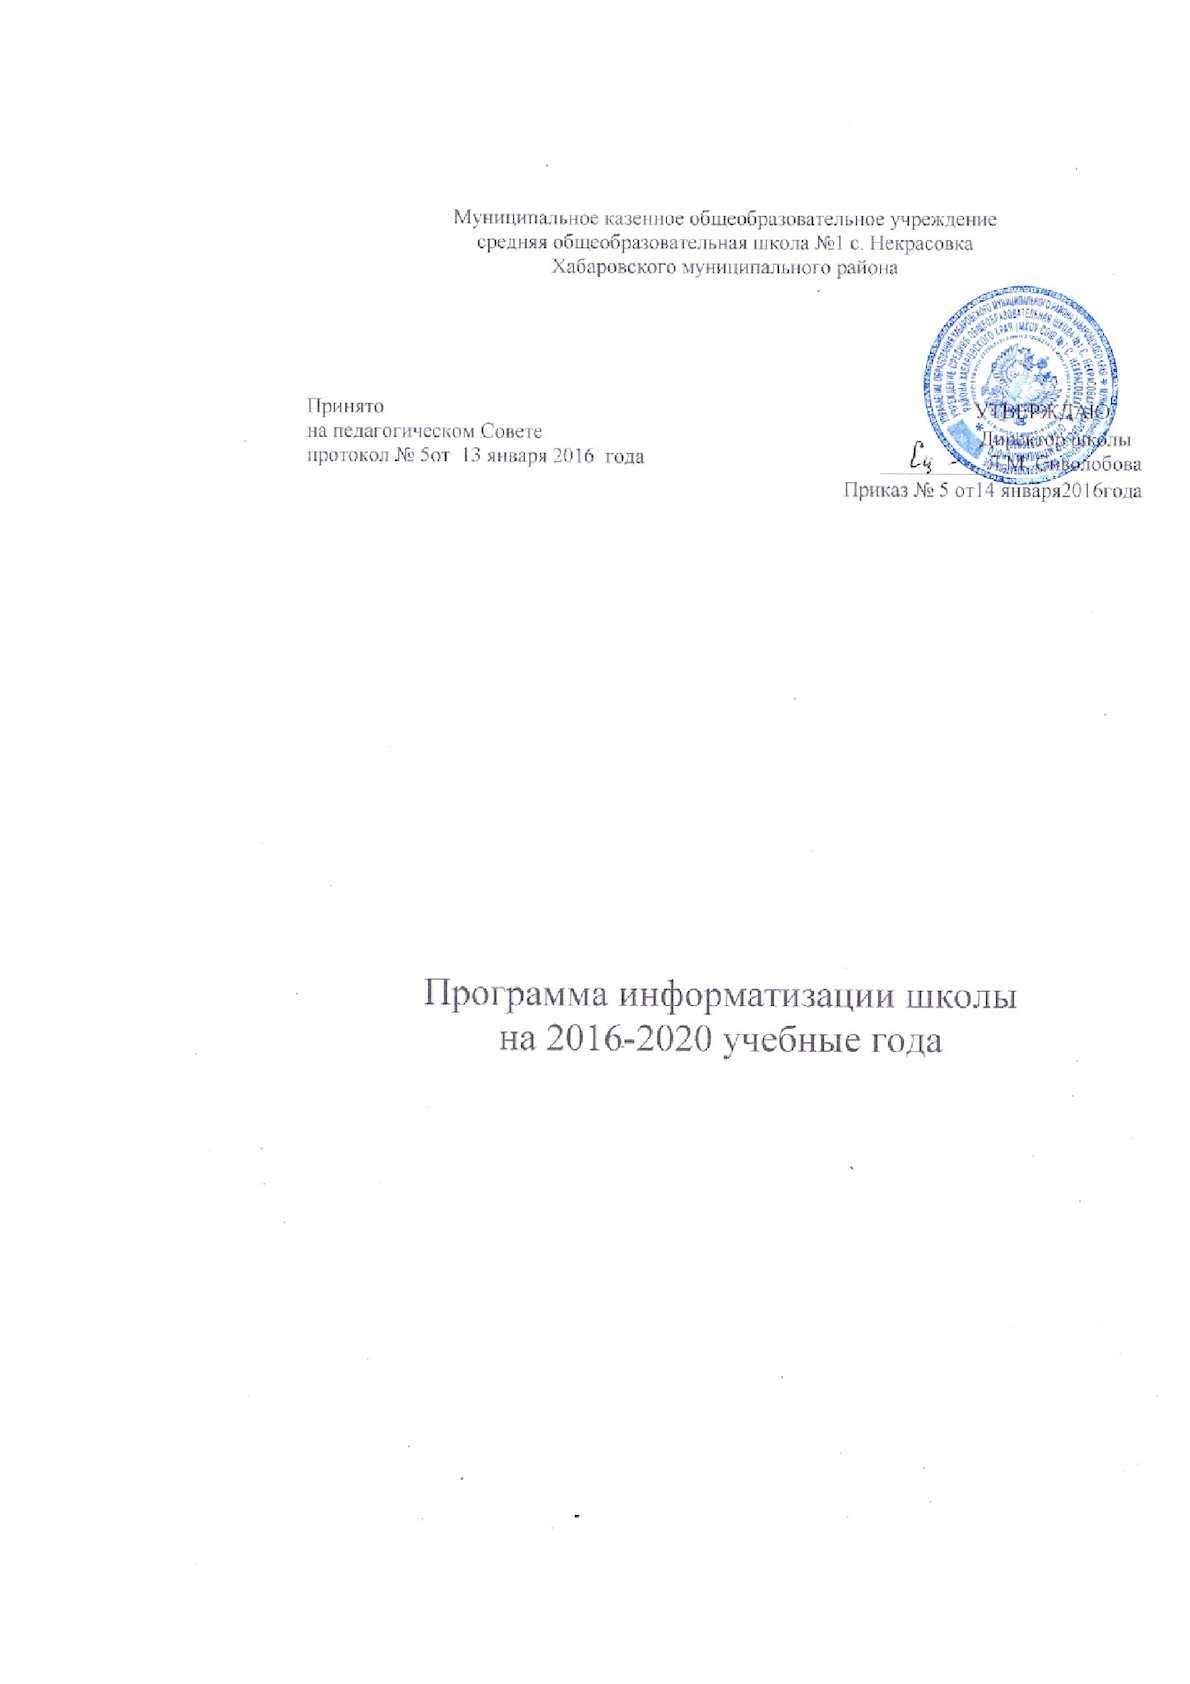 Программа информатизации 2016 2020